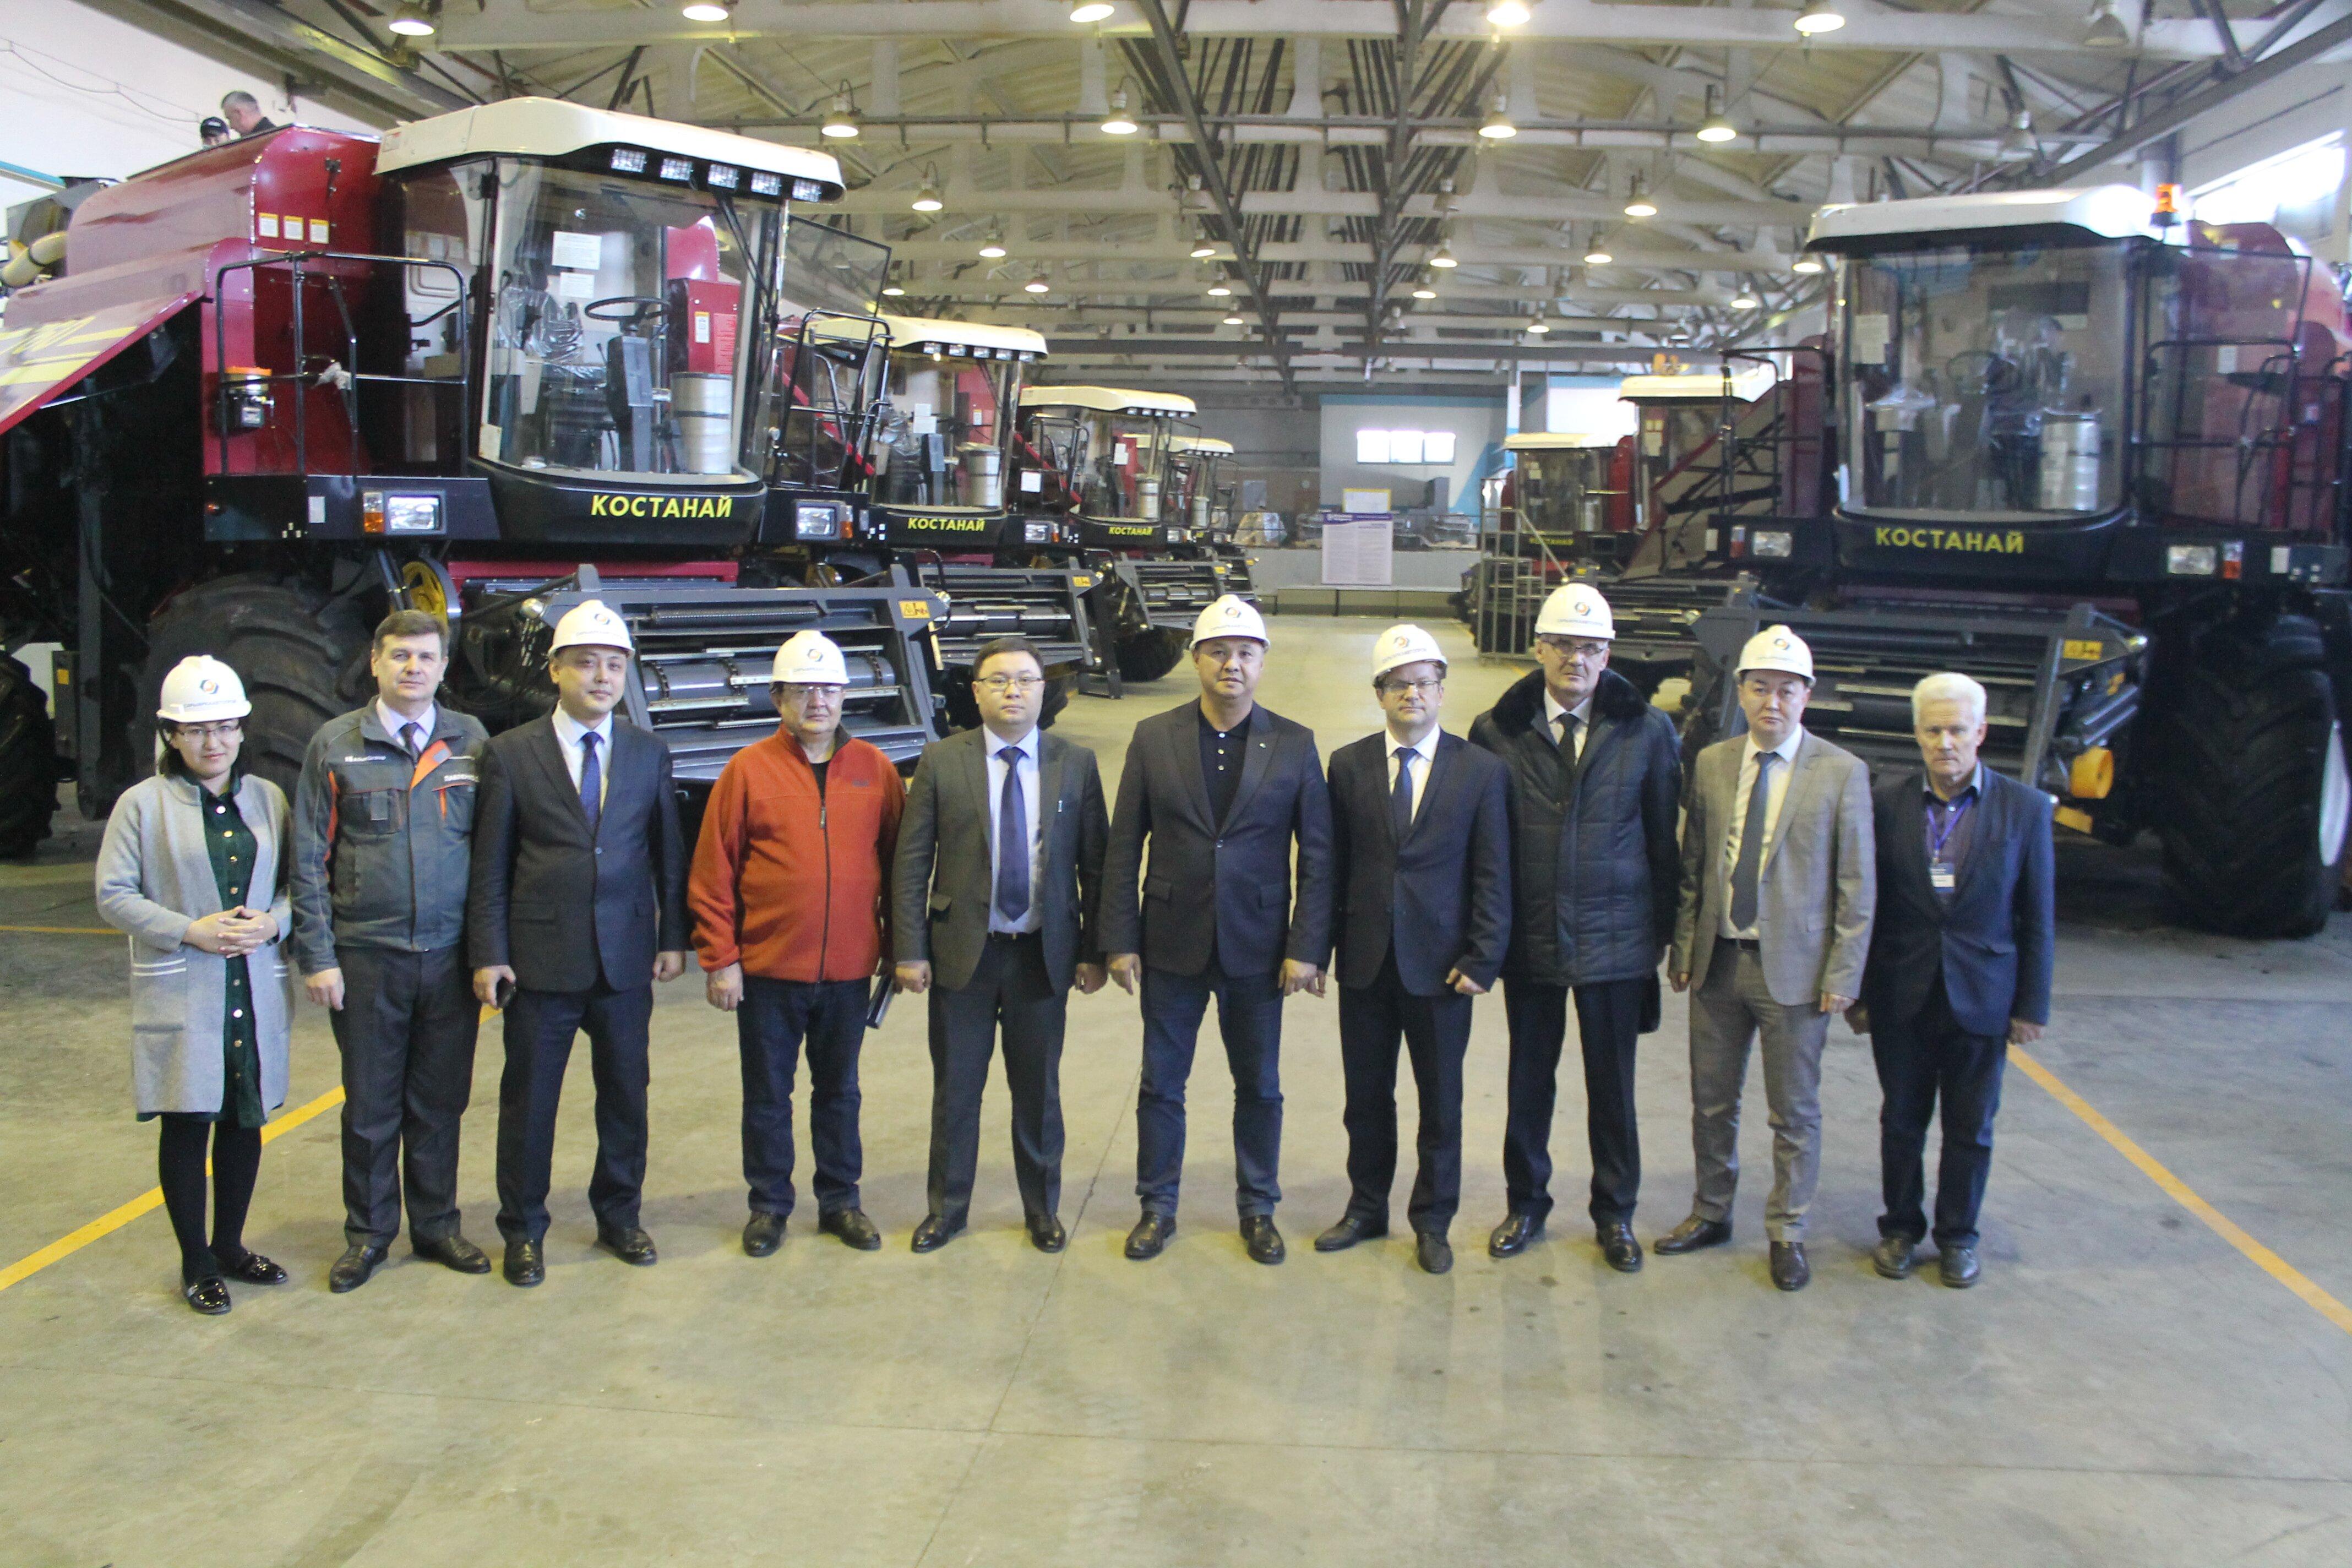 «Чем меньше чиновник, тем круче автомобиль» — отметил мажилисмен Азат Перуашев на встрече с сотрудниками ТОО «СарыаркаАвтоПром» в Костанае